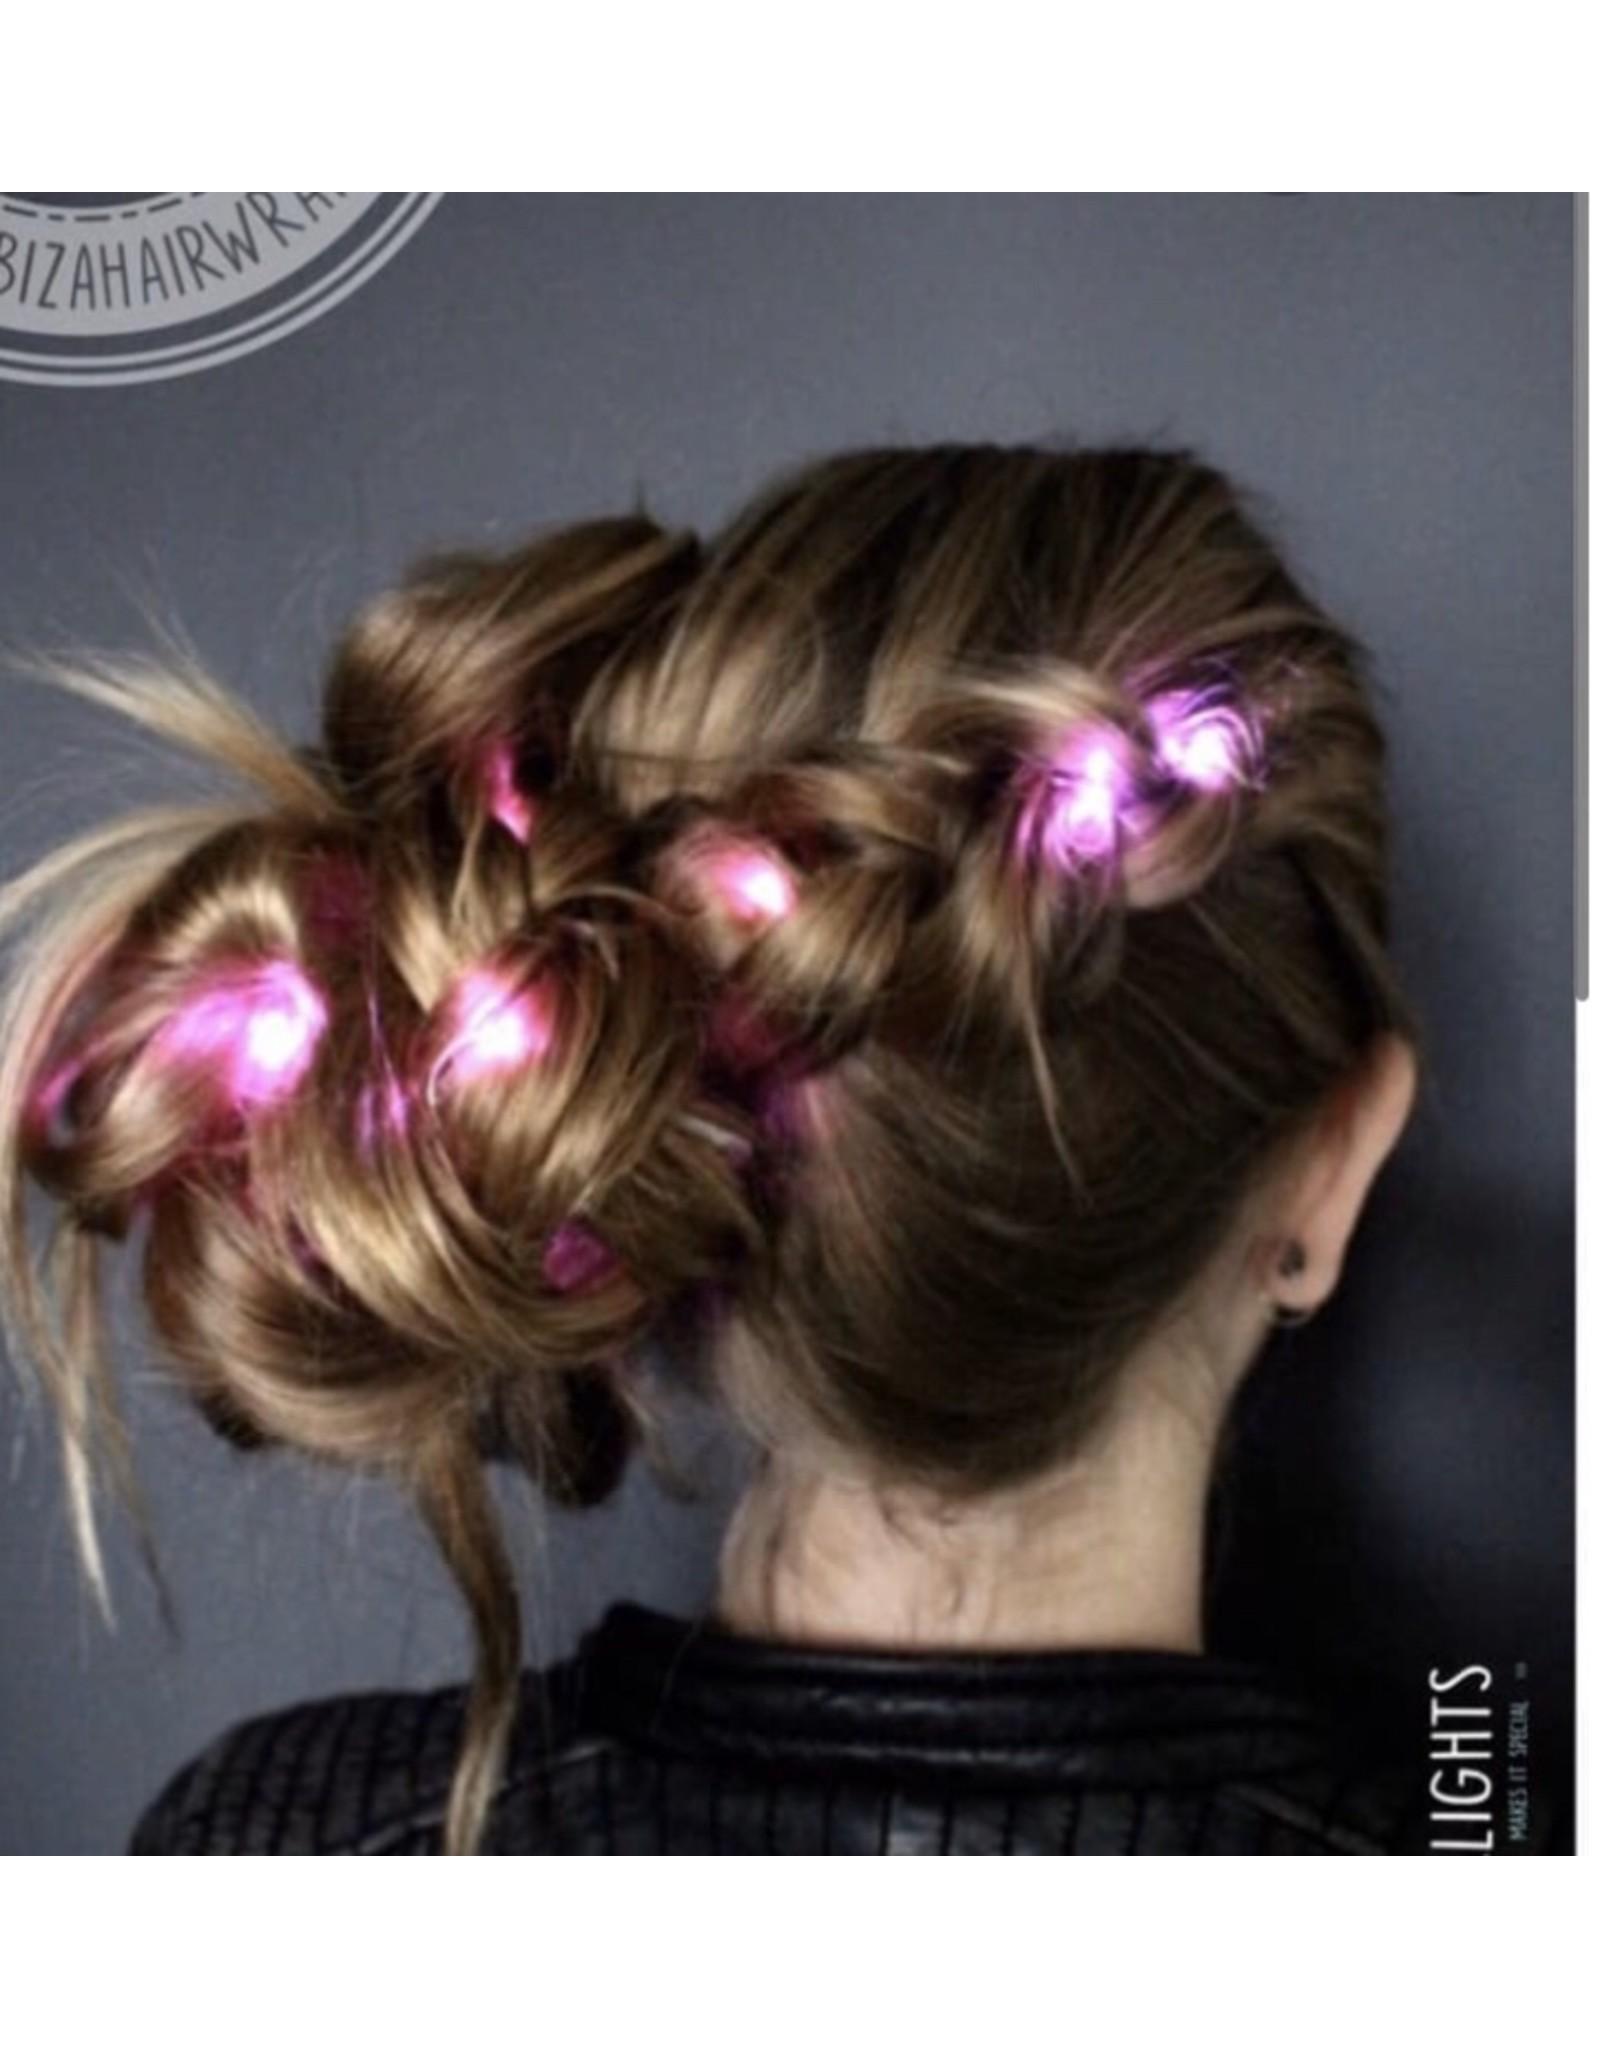 Ibiza Hairwraps Hairlights Pink